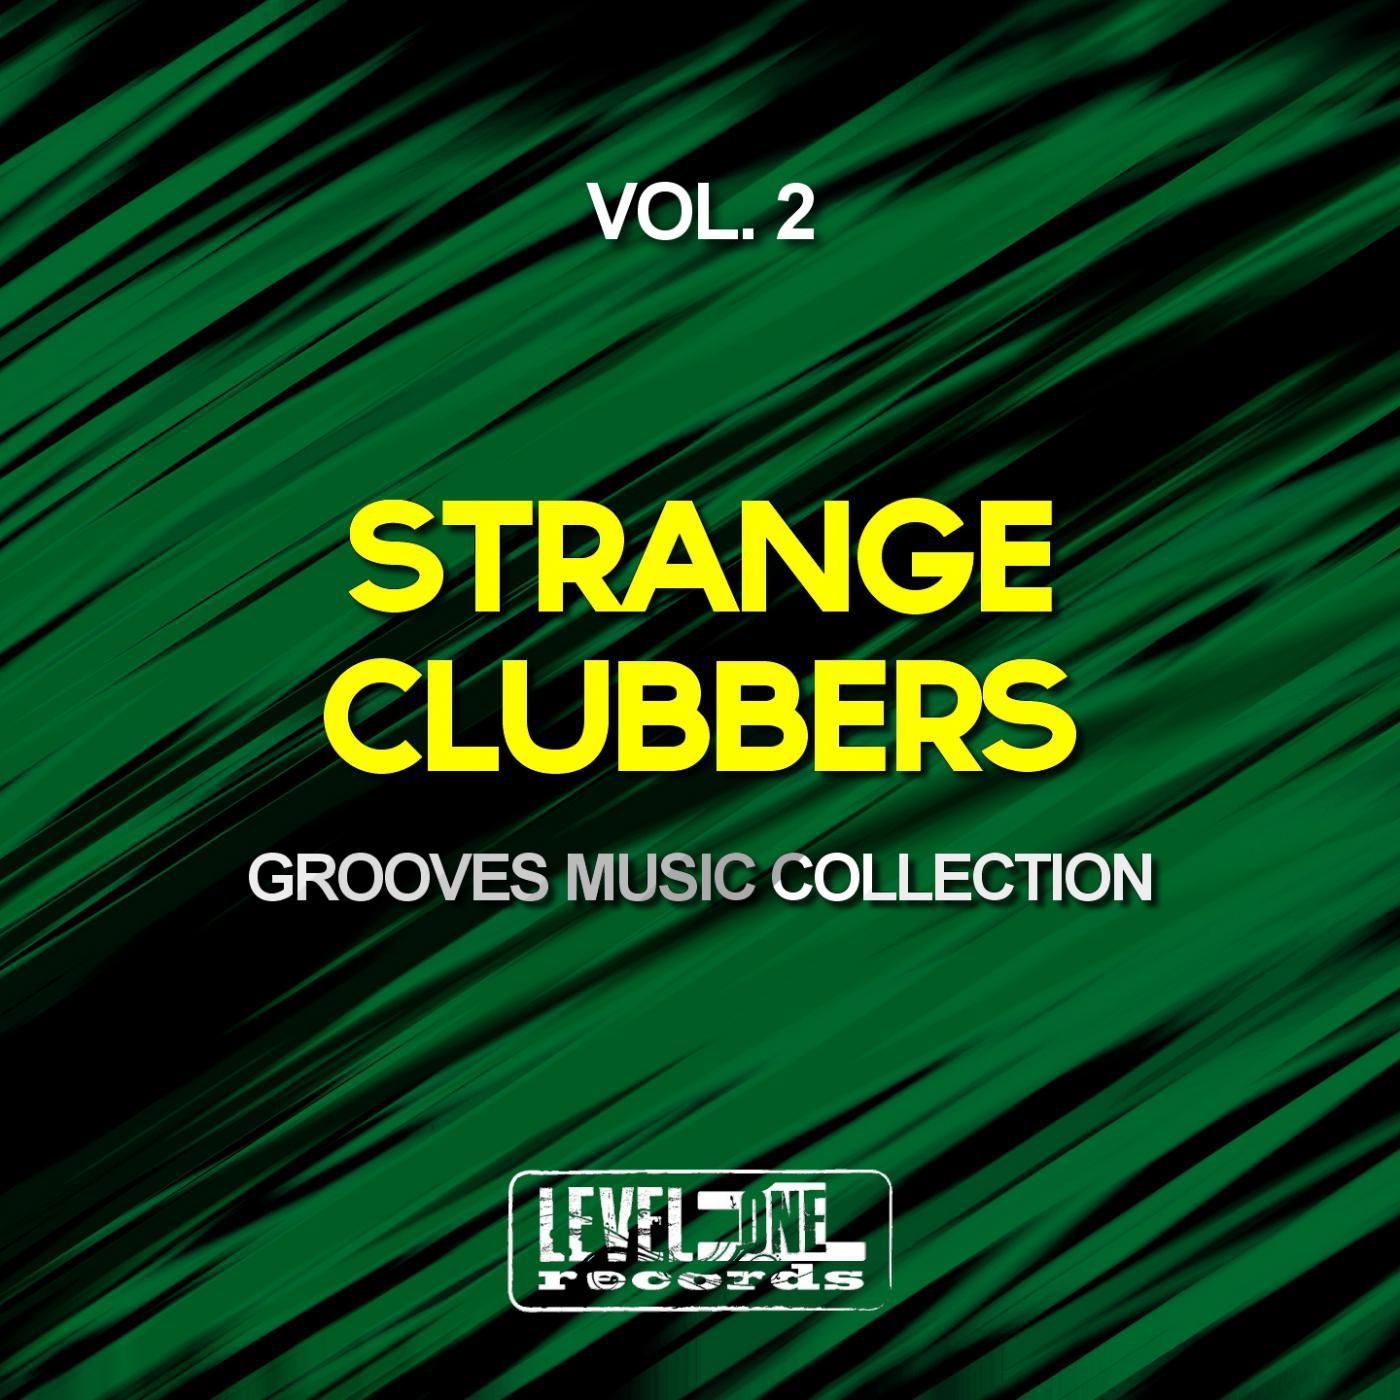 Nacim Ladj - Sticky Fingers (Original Mix)